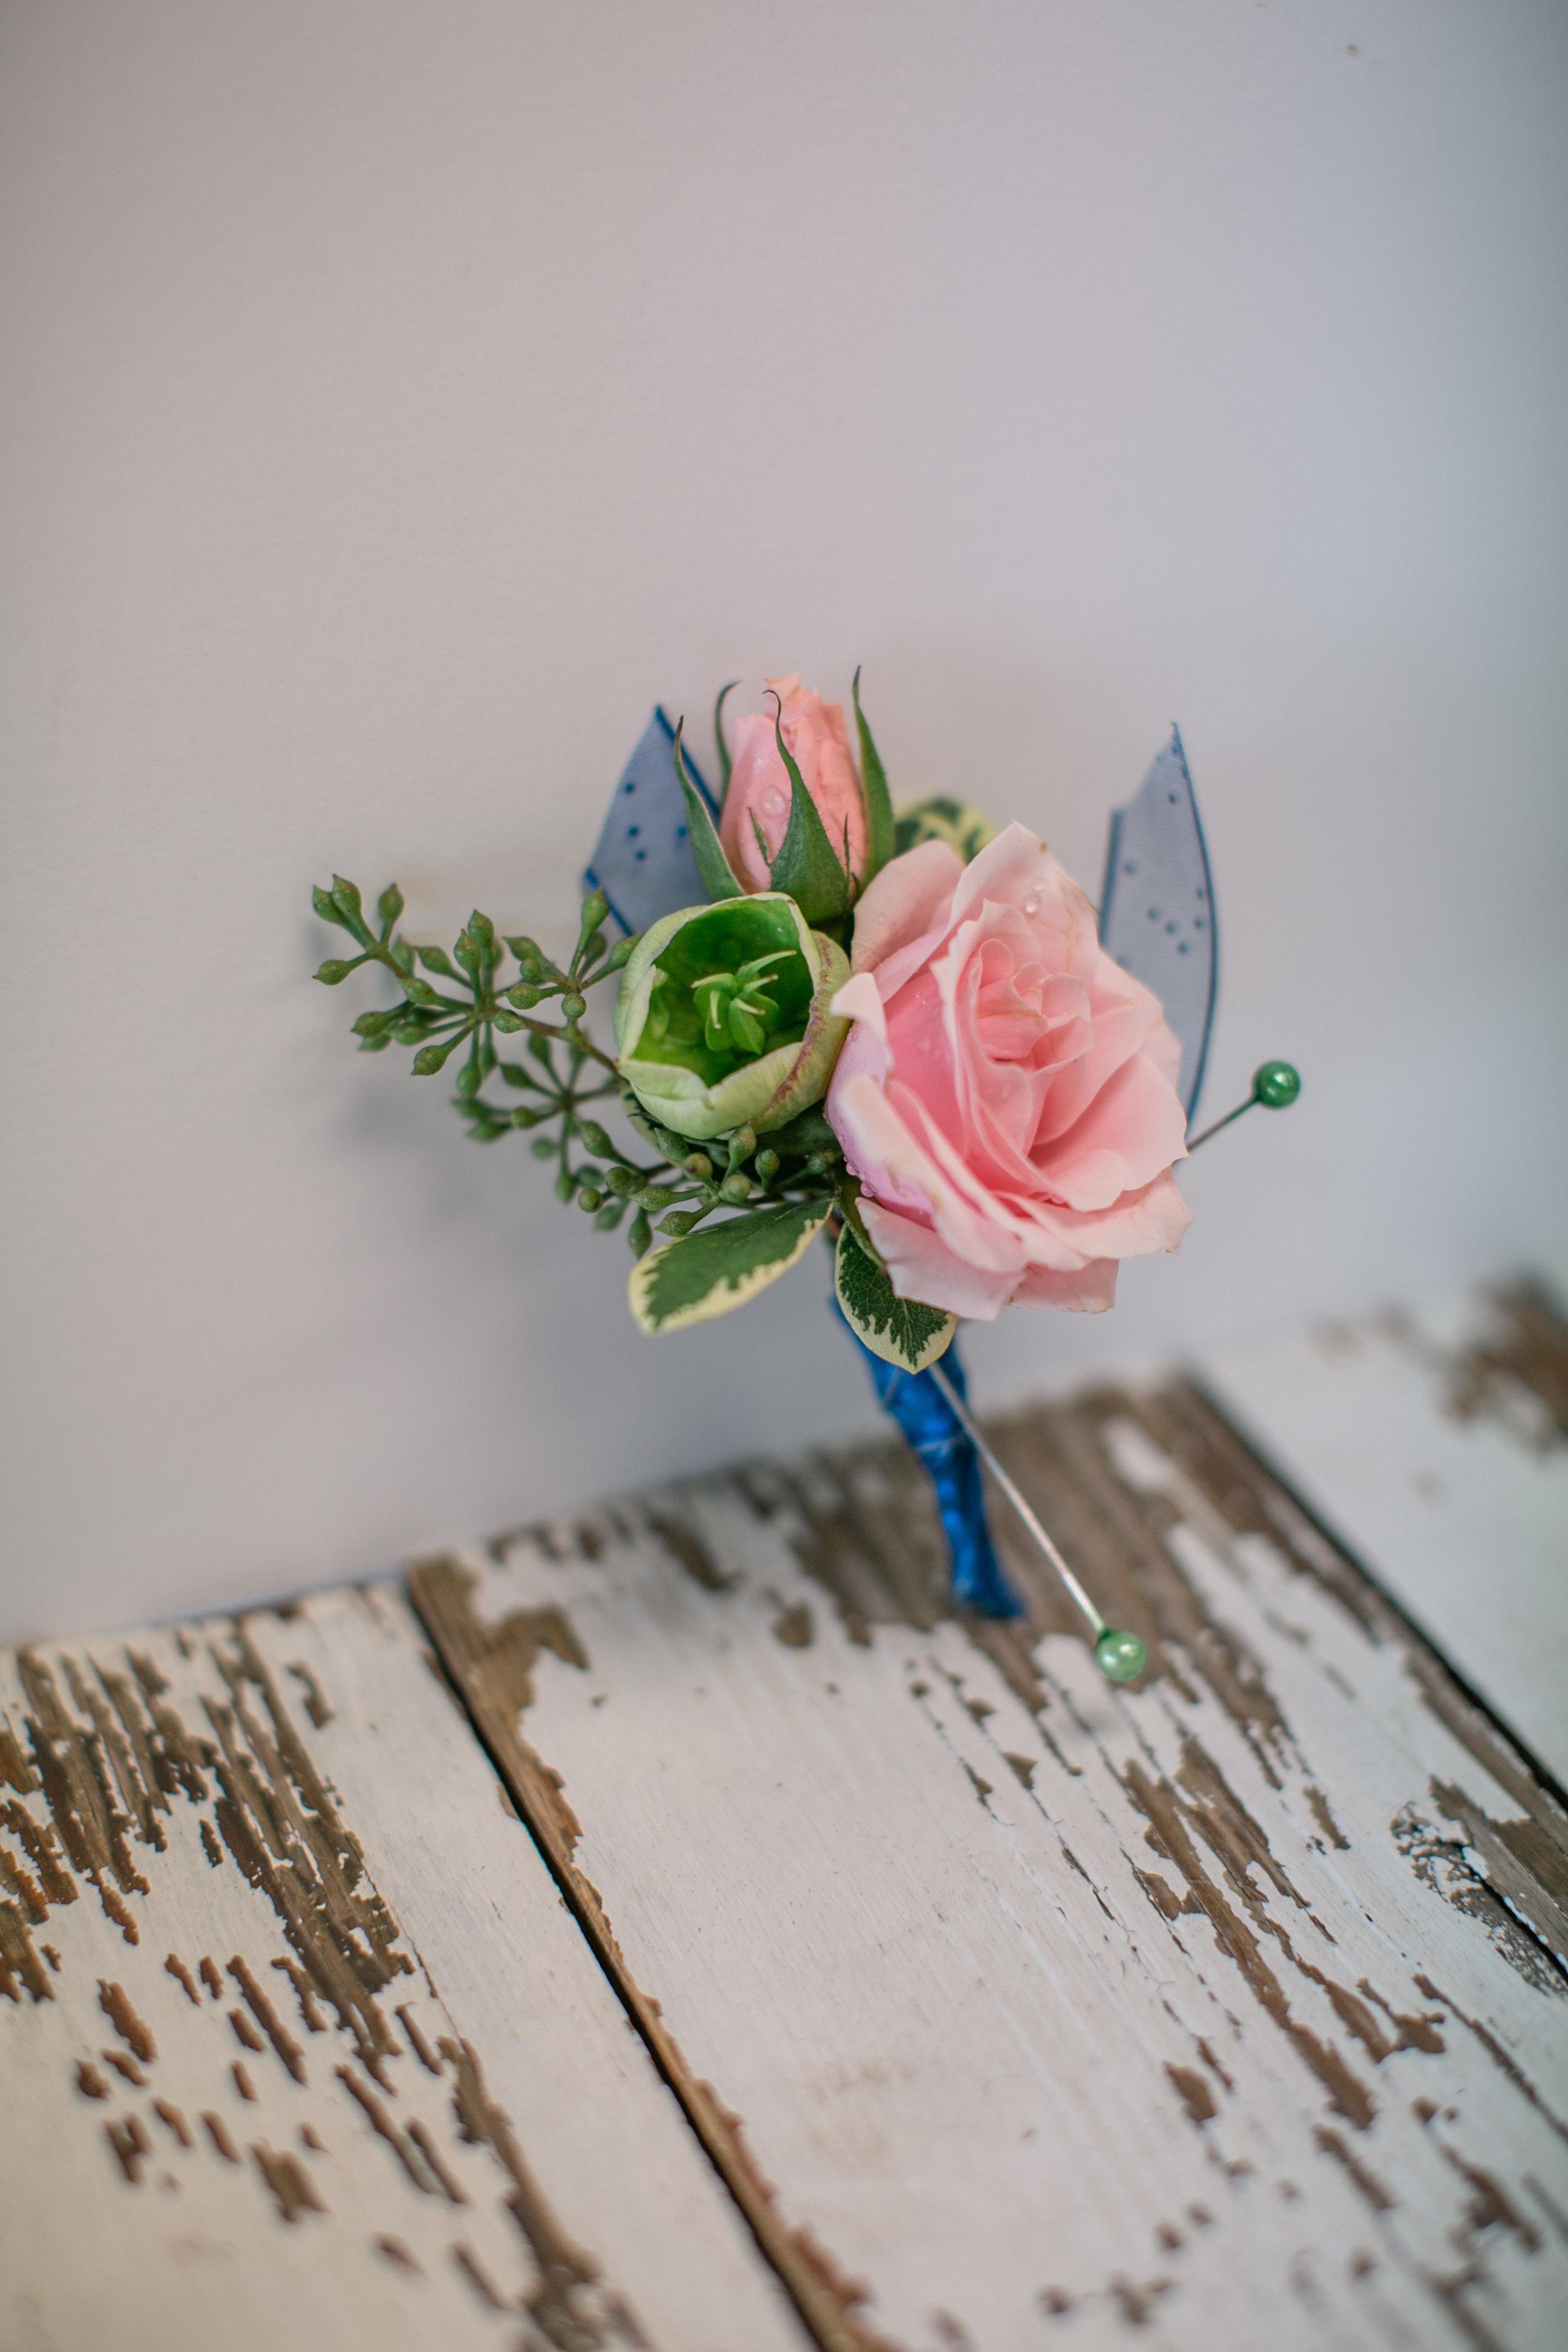 LAV-BLUE-des-moines-prom-flowers-13.jpg